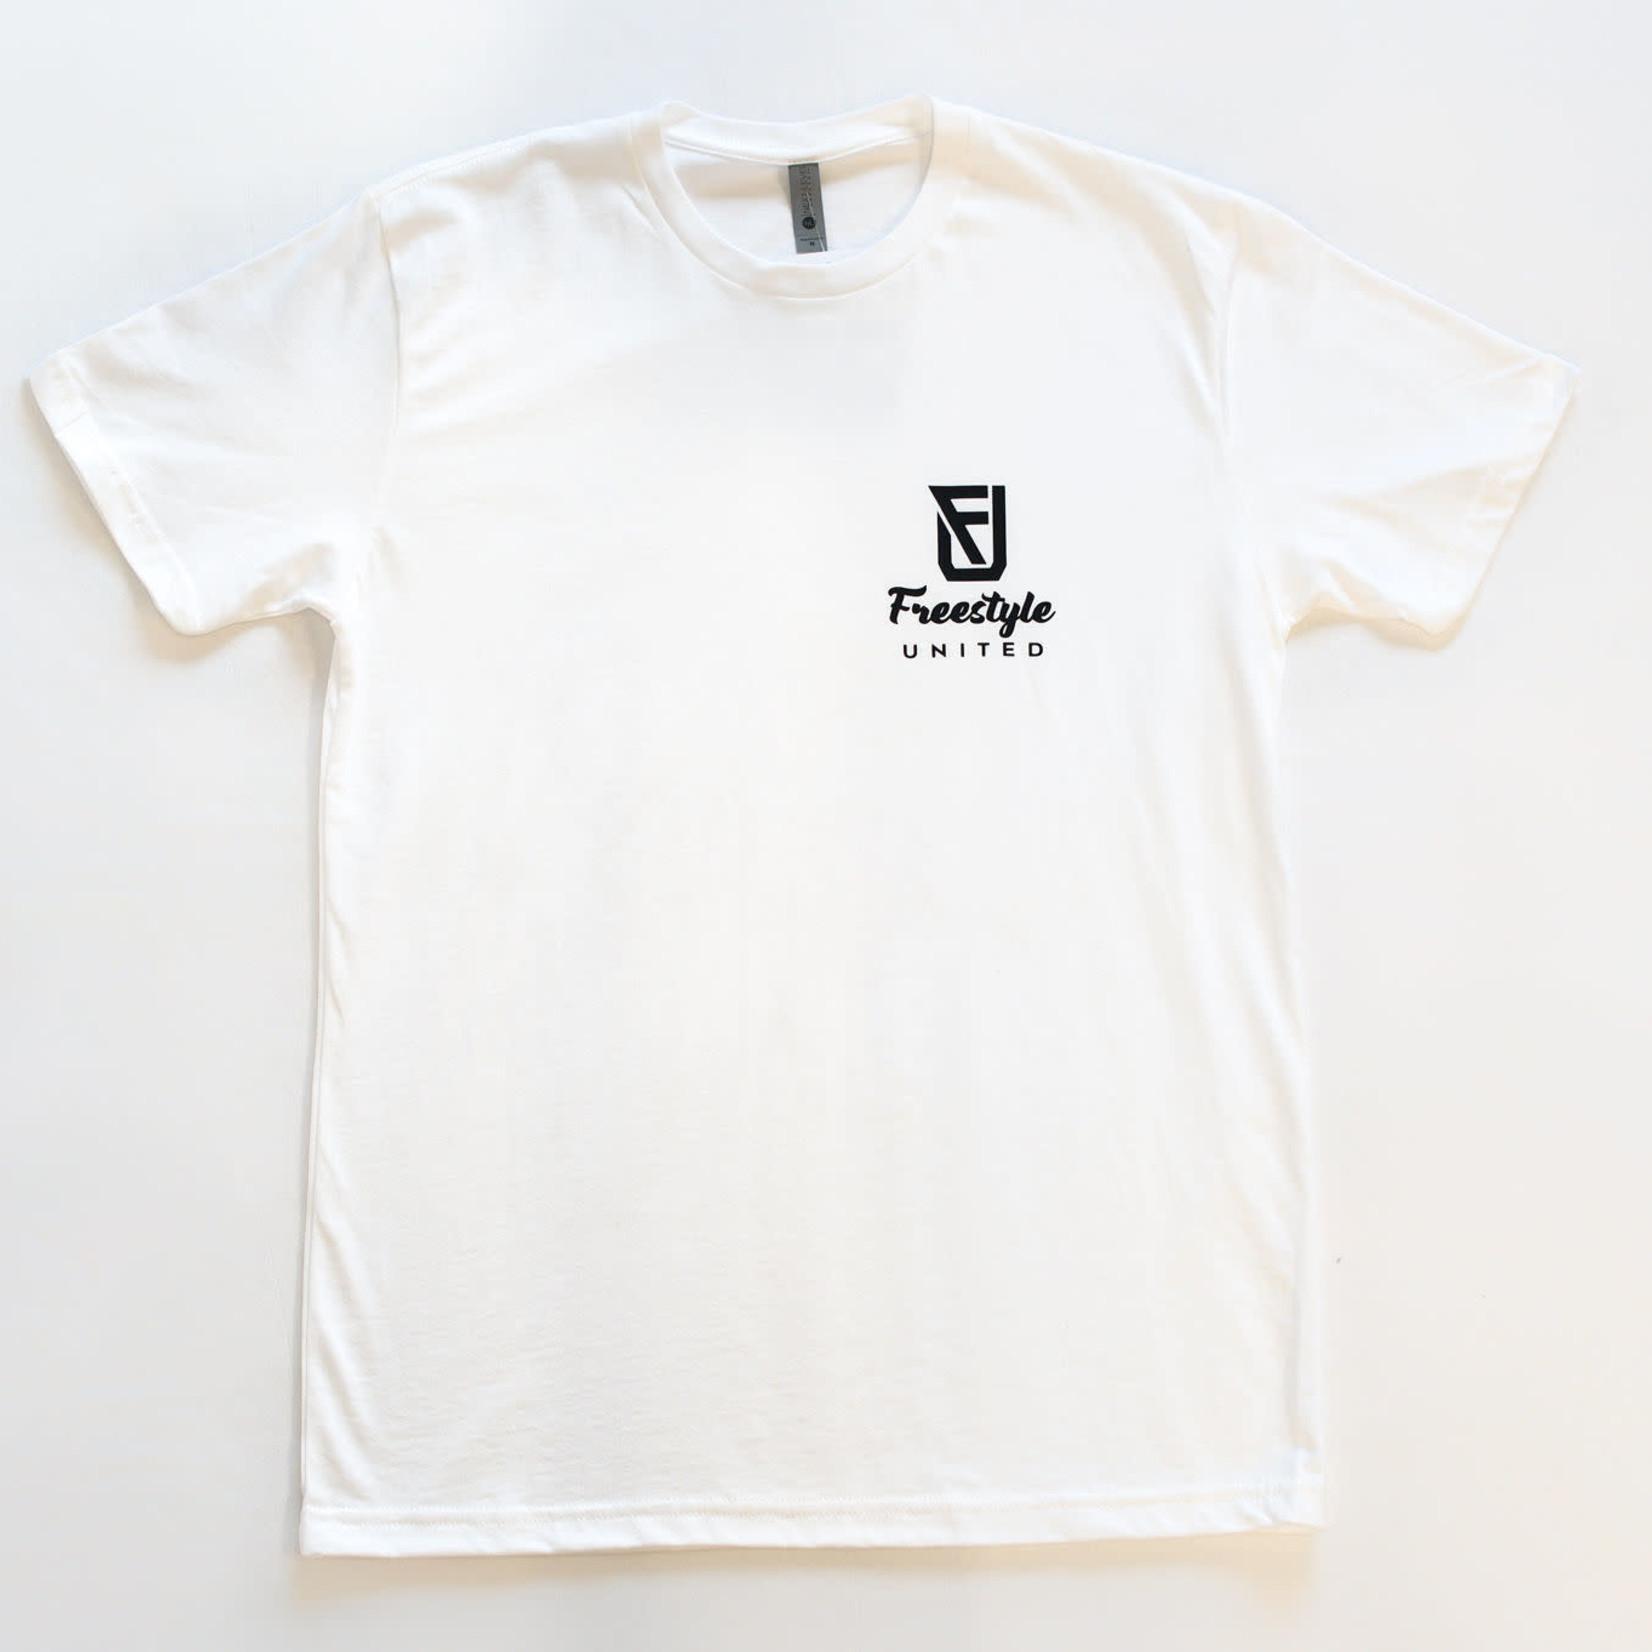 Freestyle United Freestyle United - Adult Signature T-shirt - White